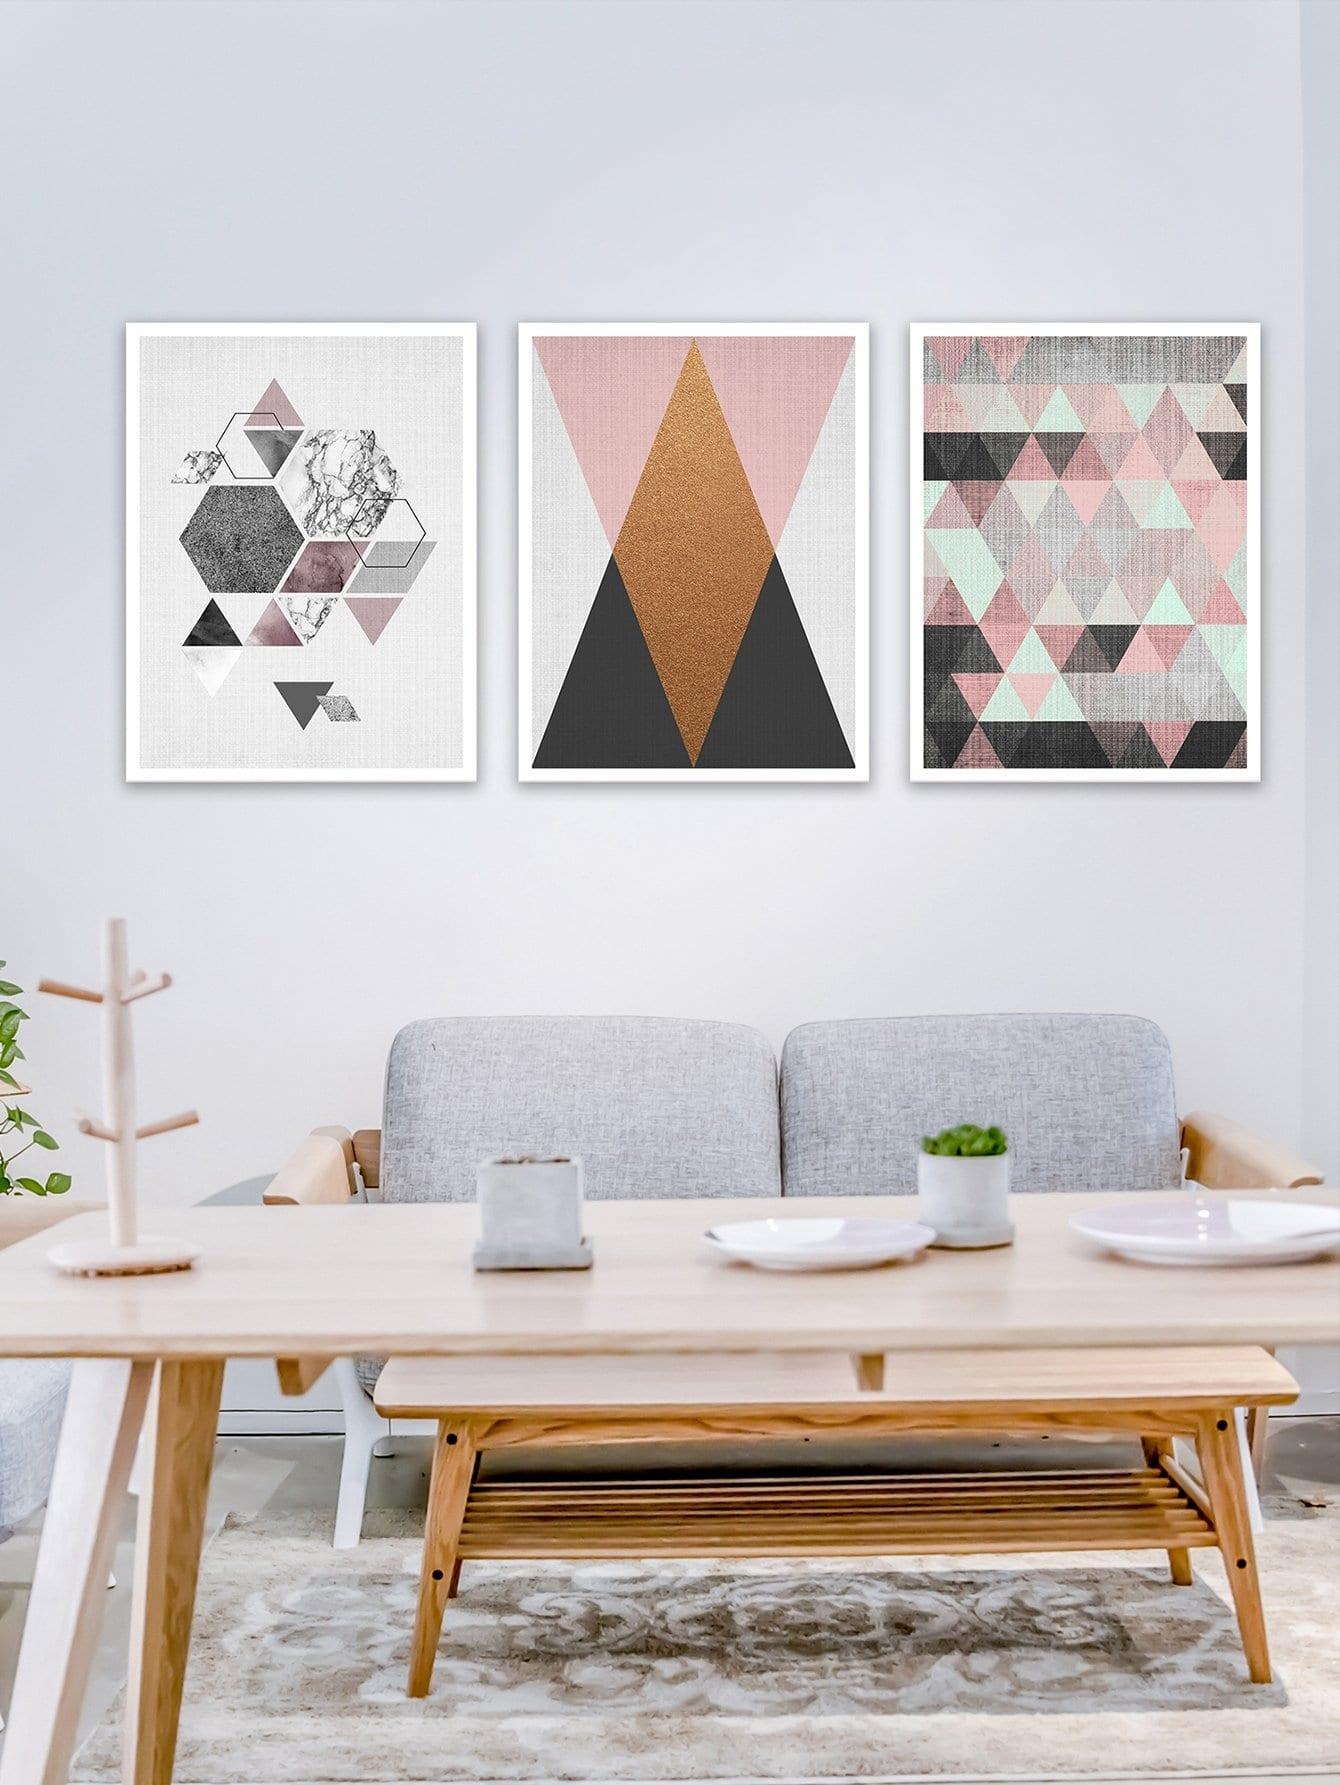 Купить Настенная фотография с рисунками геометрических фигур 3 шт, null, SheIn